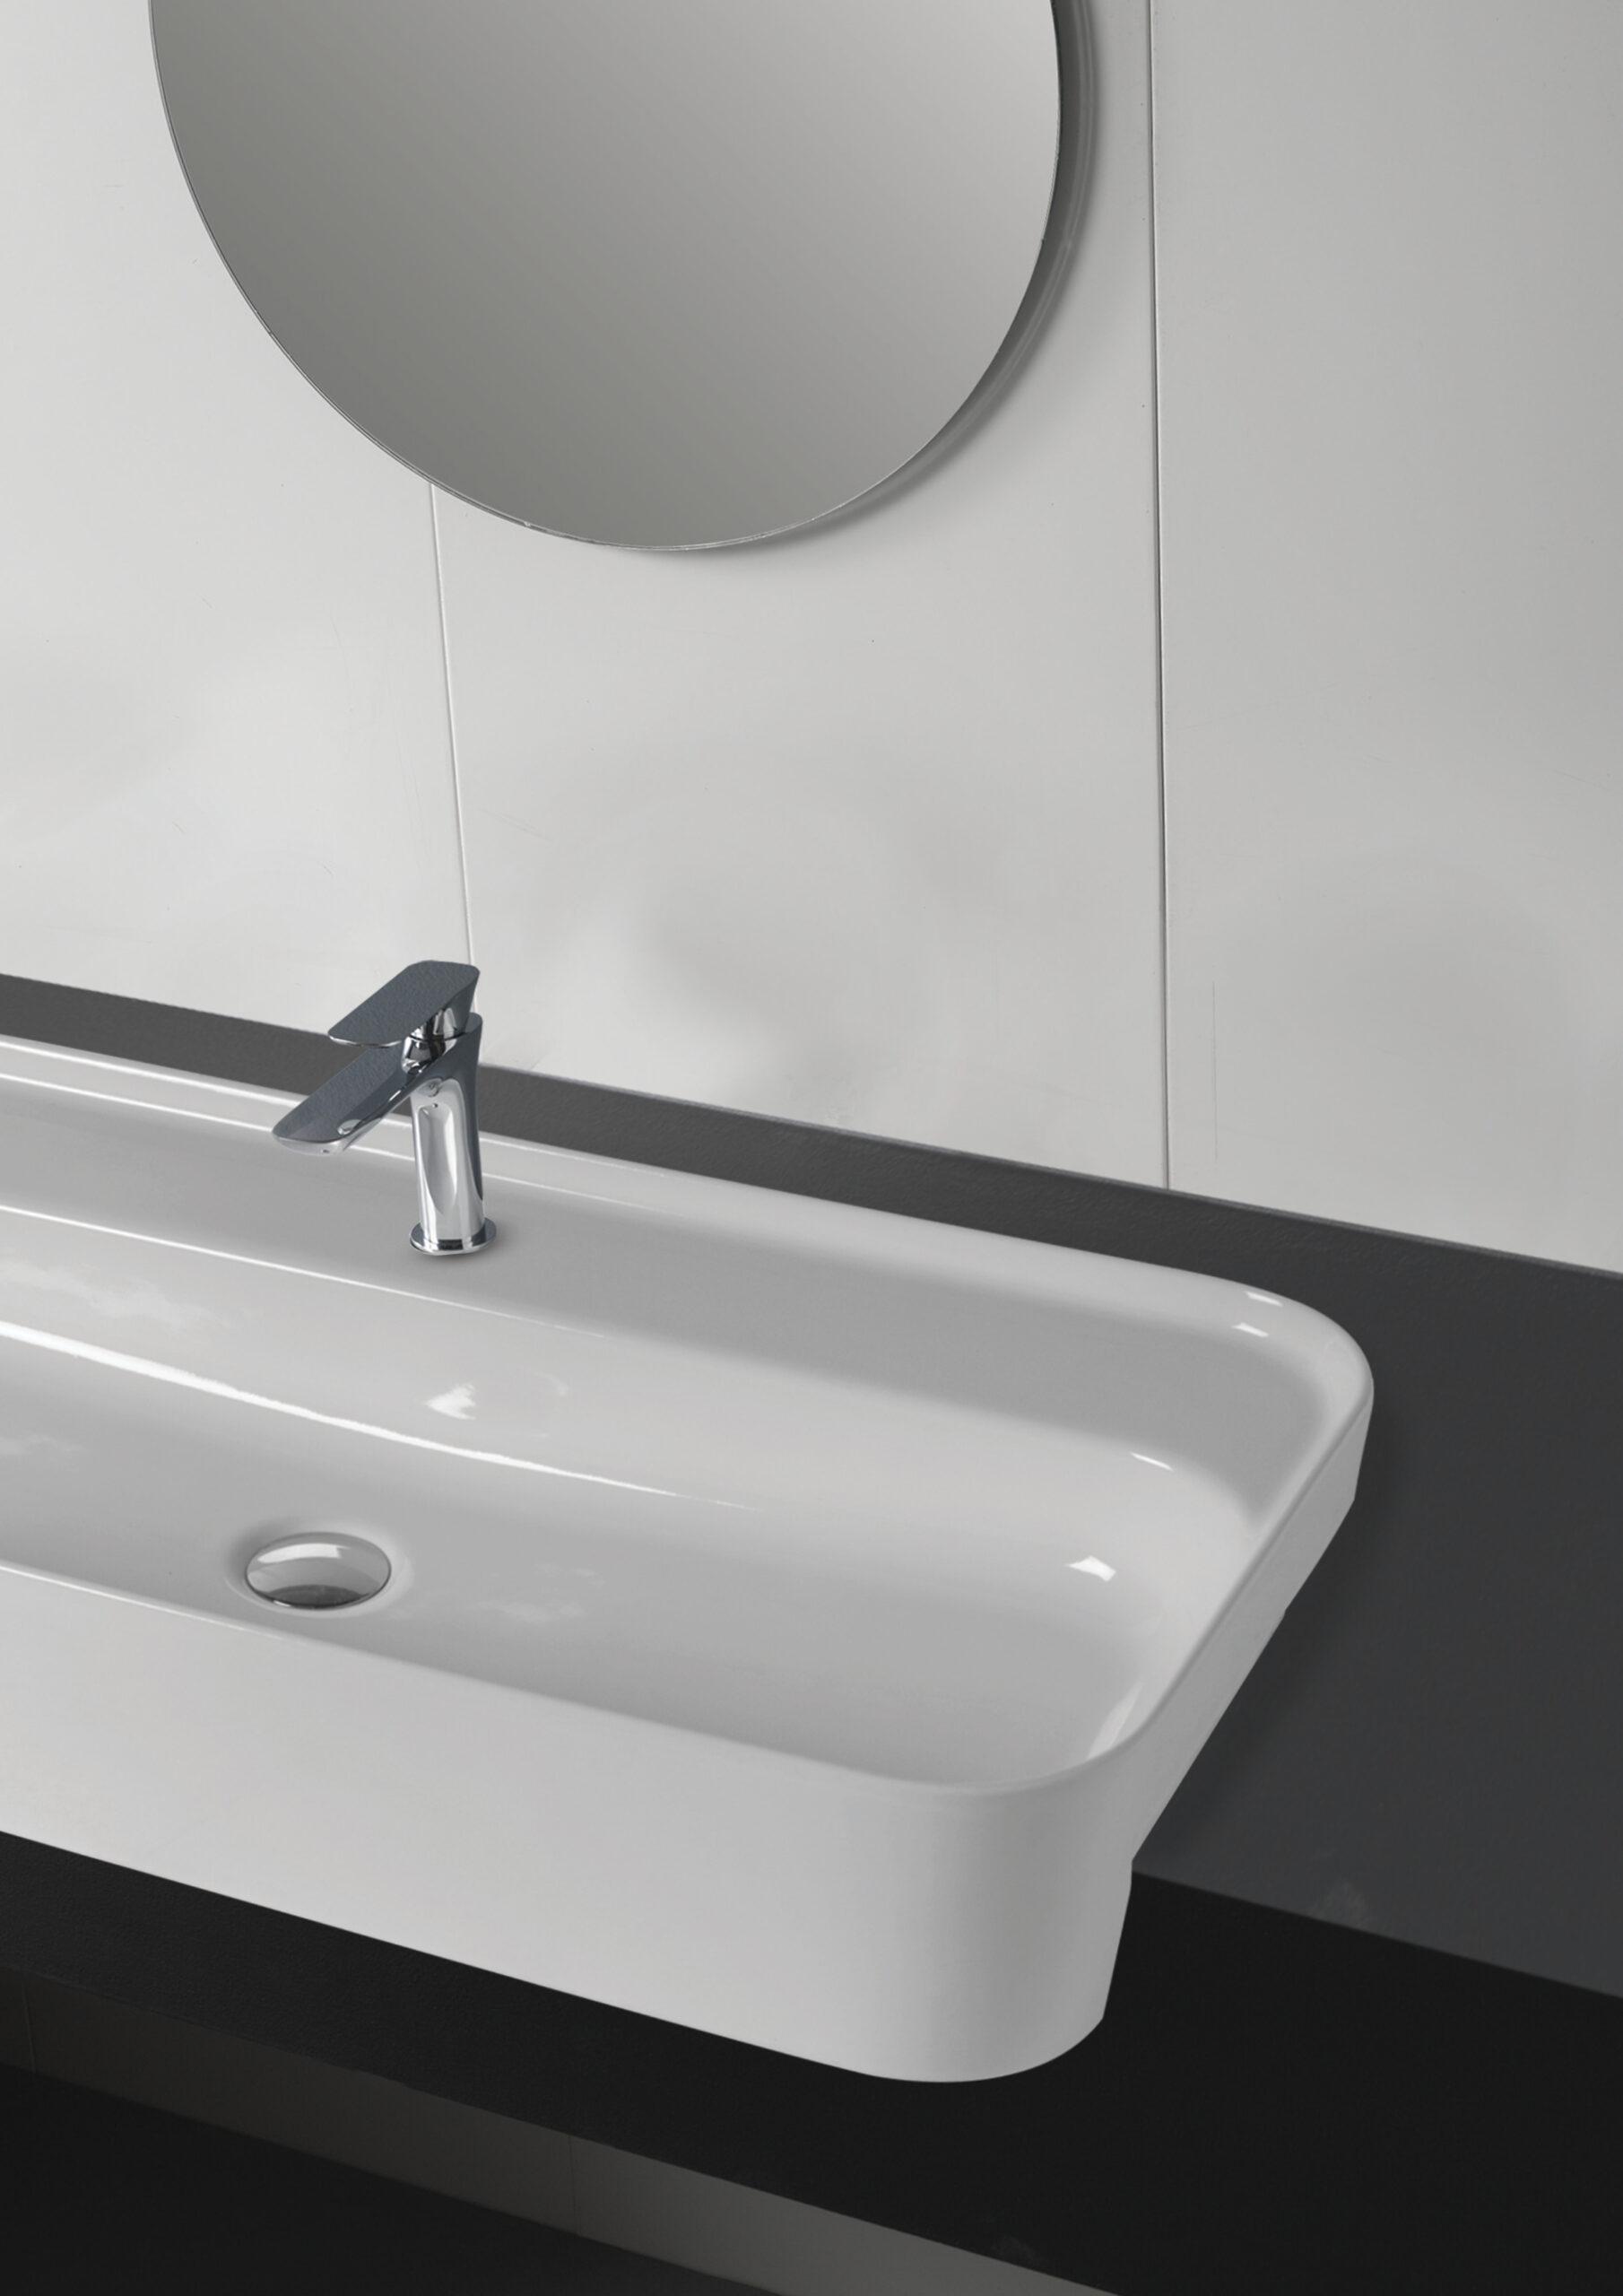 lavabi semincasso Disegno Ceramica